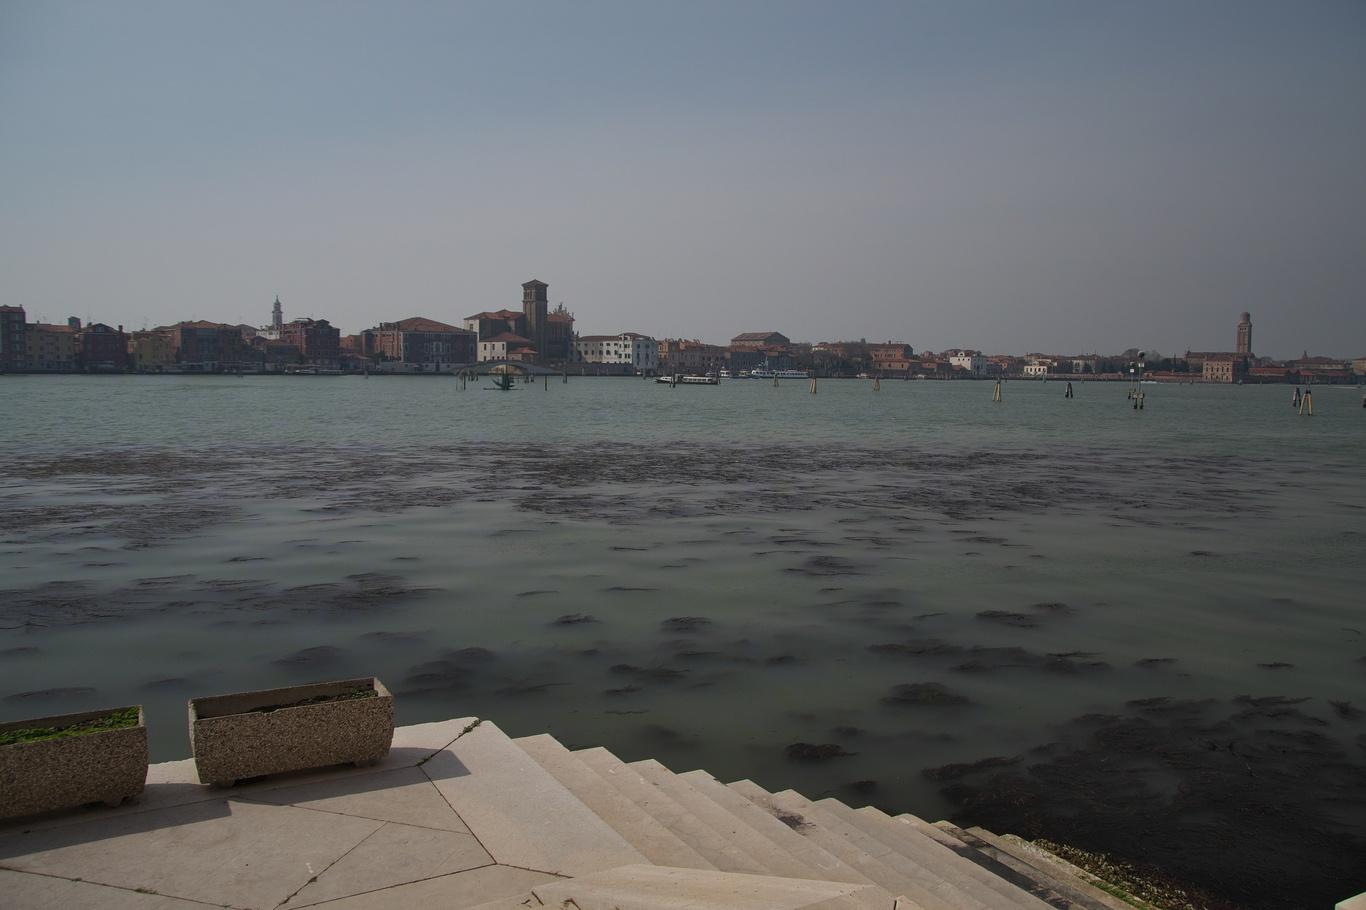 Pohled od hřbitova San Michele na Benátky (jediná vyhlídka, jinak je všude zeď, a stejně přes mříž)